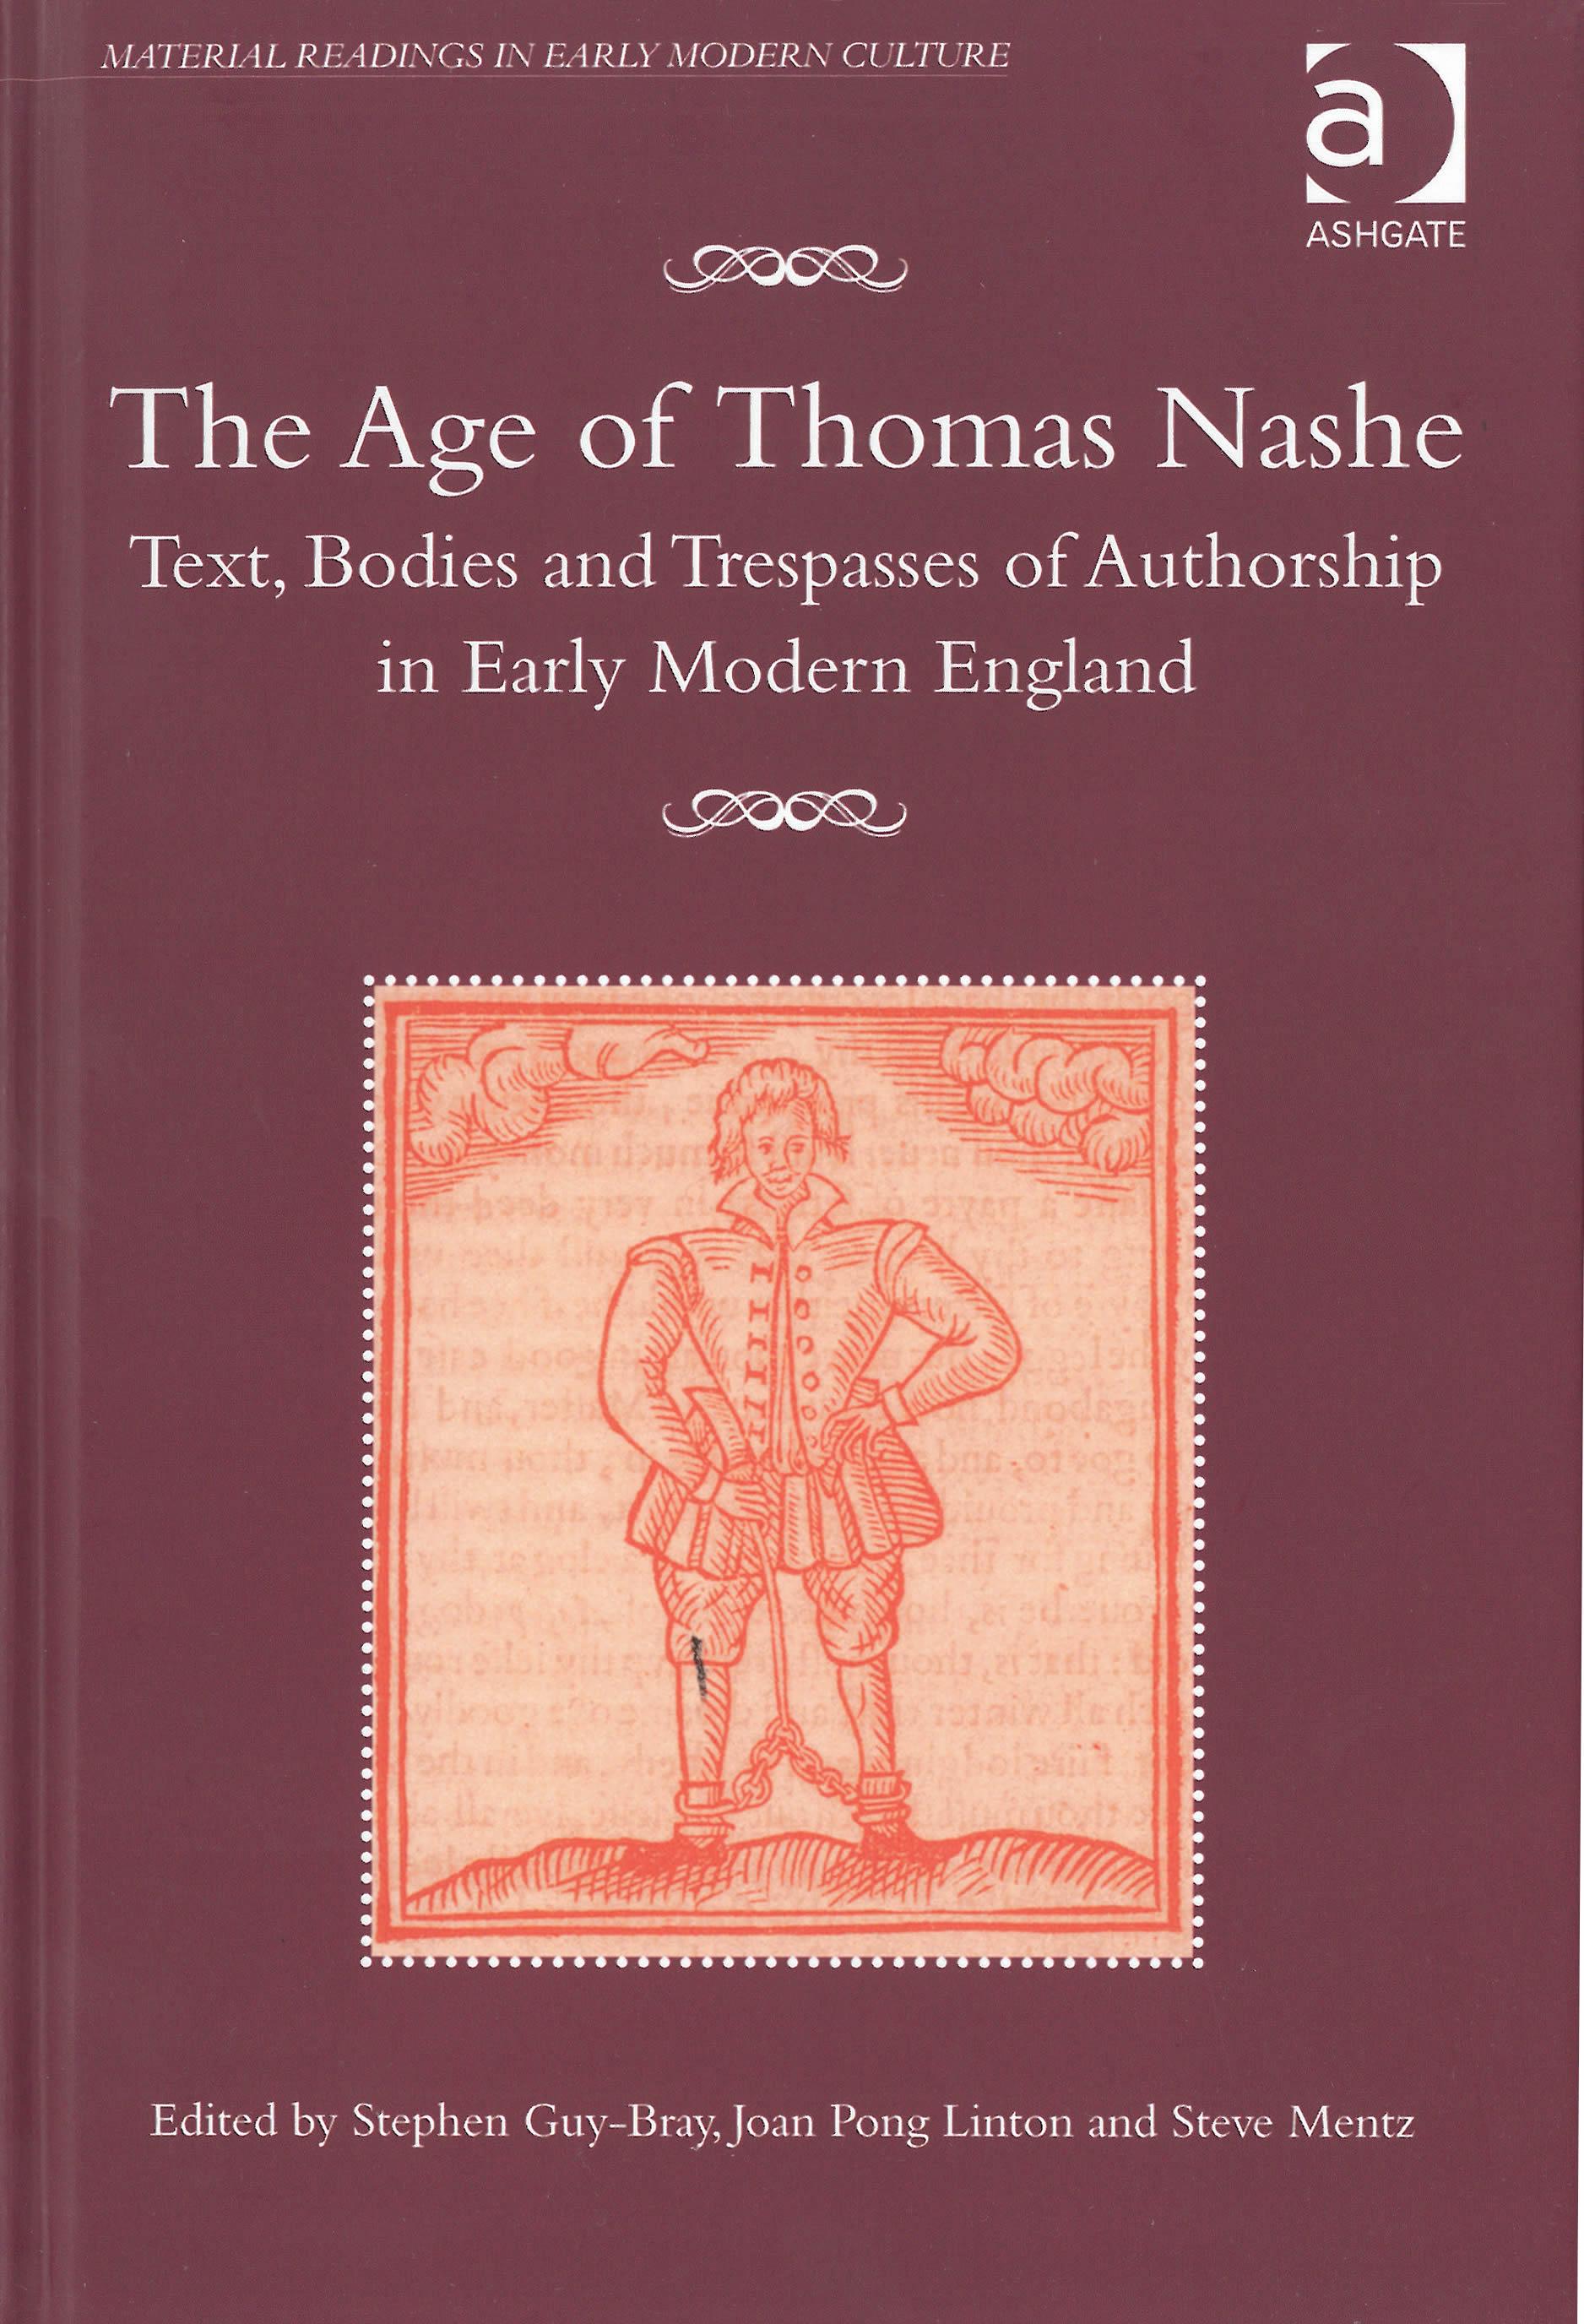 The Age of Thomas Nashe